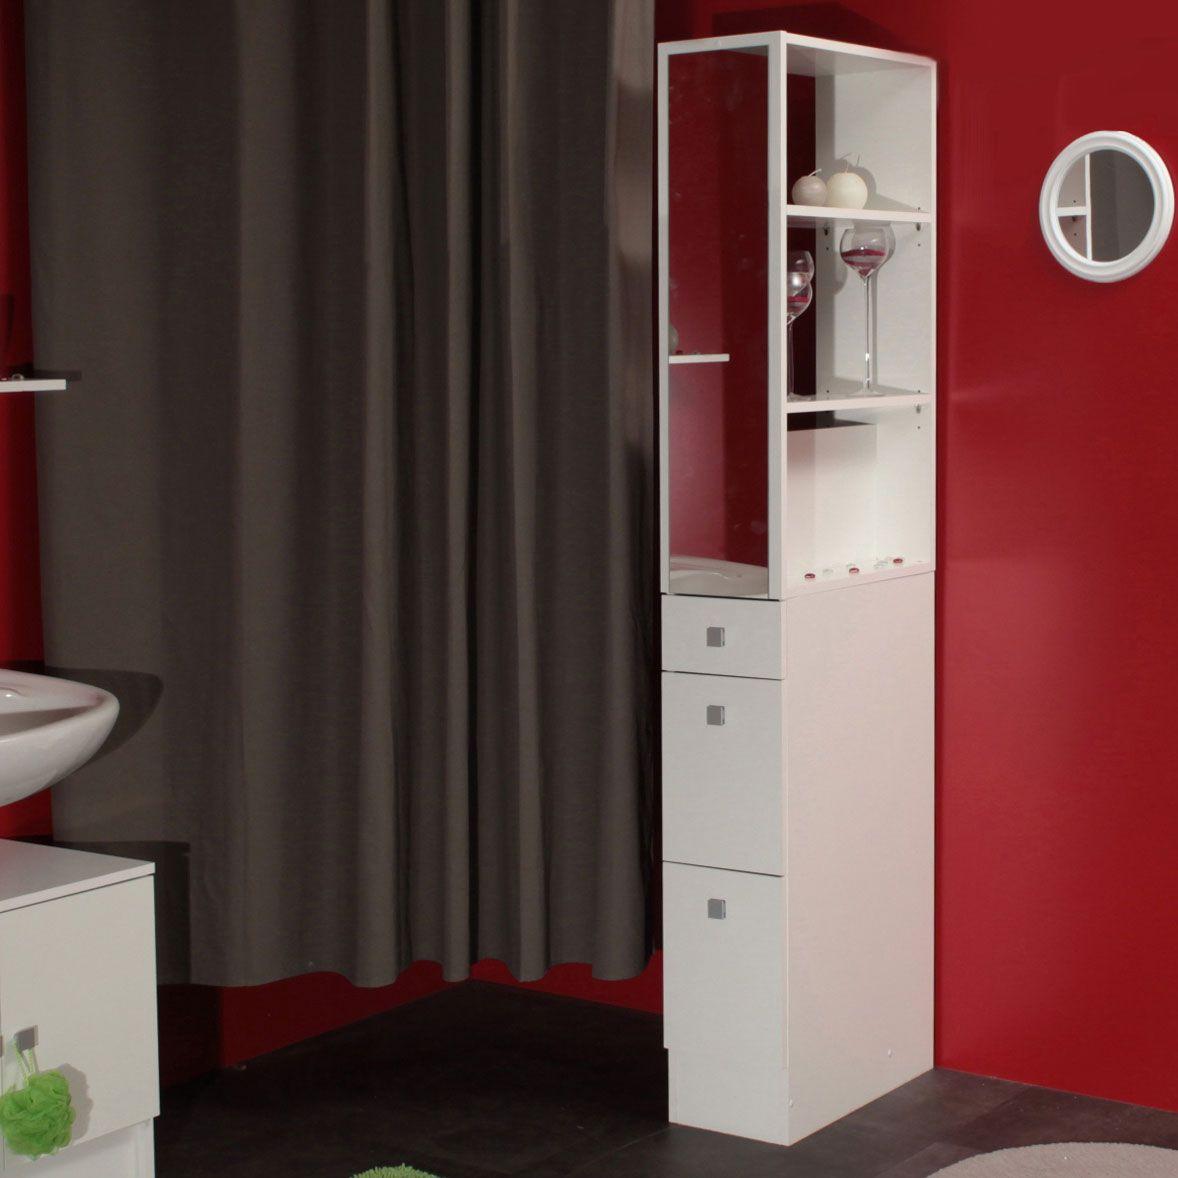 colonne salle de bain 3 tiroirs 1 miroir l245xp54xh18150cm banio - Idee De Separation Salle De Bain